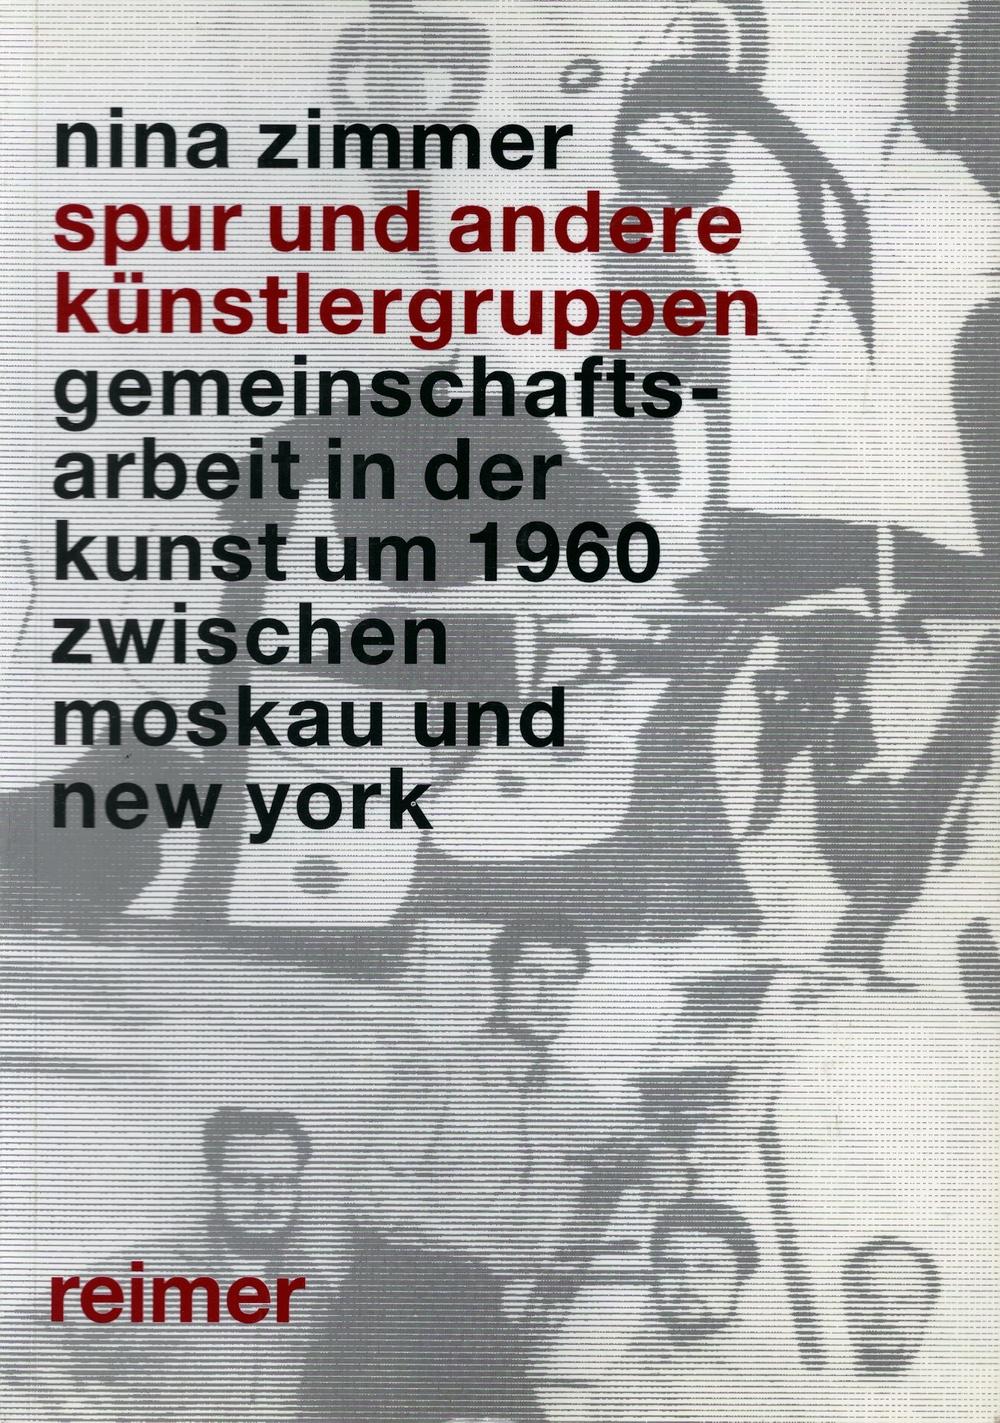 Nina Zimmer, Spur und andere Künstlergruppen , reiner, 2002